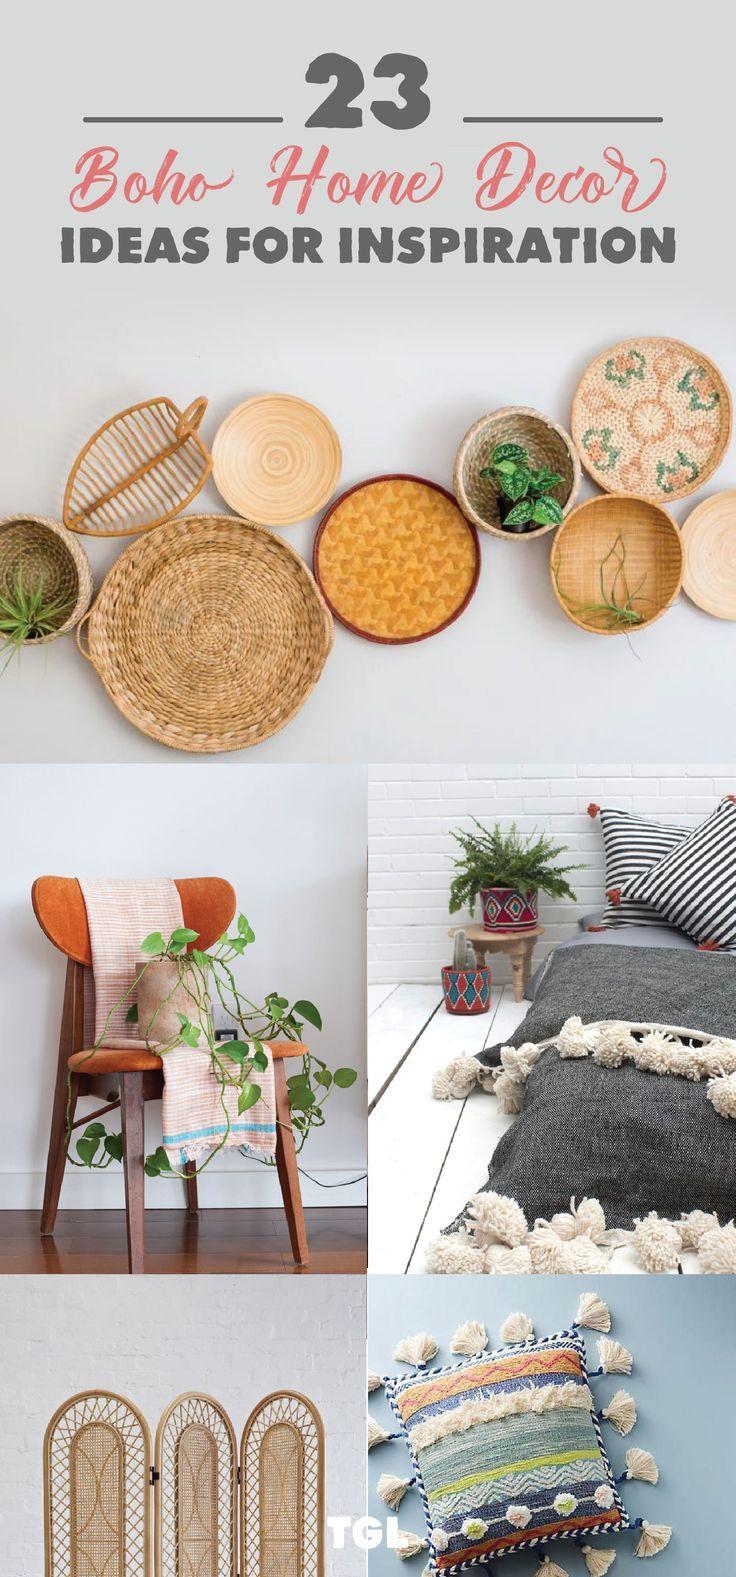 Boho Home Decor Ideas For Inspiration Boho Chic Decor Ideas Diy Boho Decor Ideas Boho Bedroom Diy Boho Decor Boho Decor Couples Decor Boho bedroom ideas diy